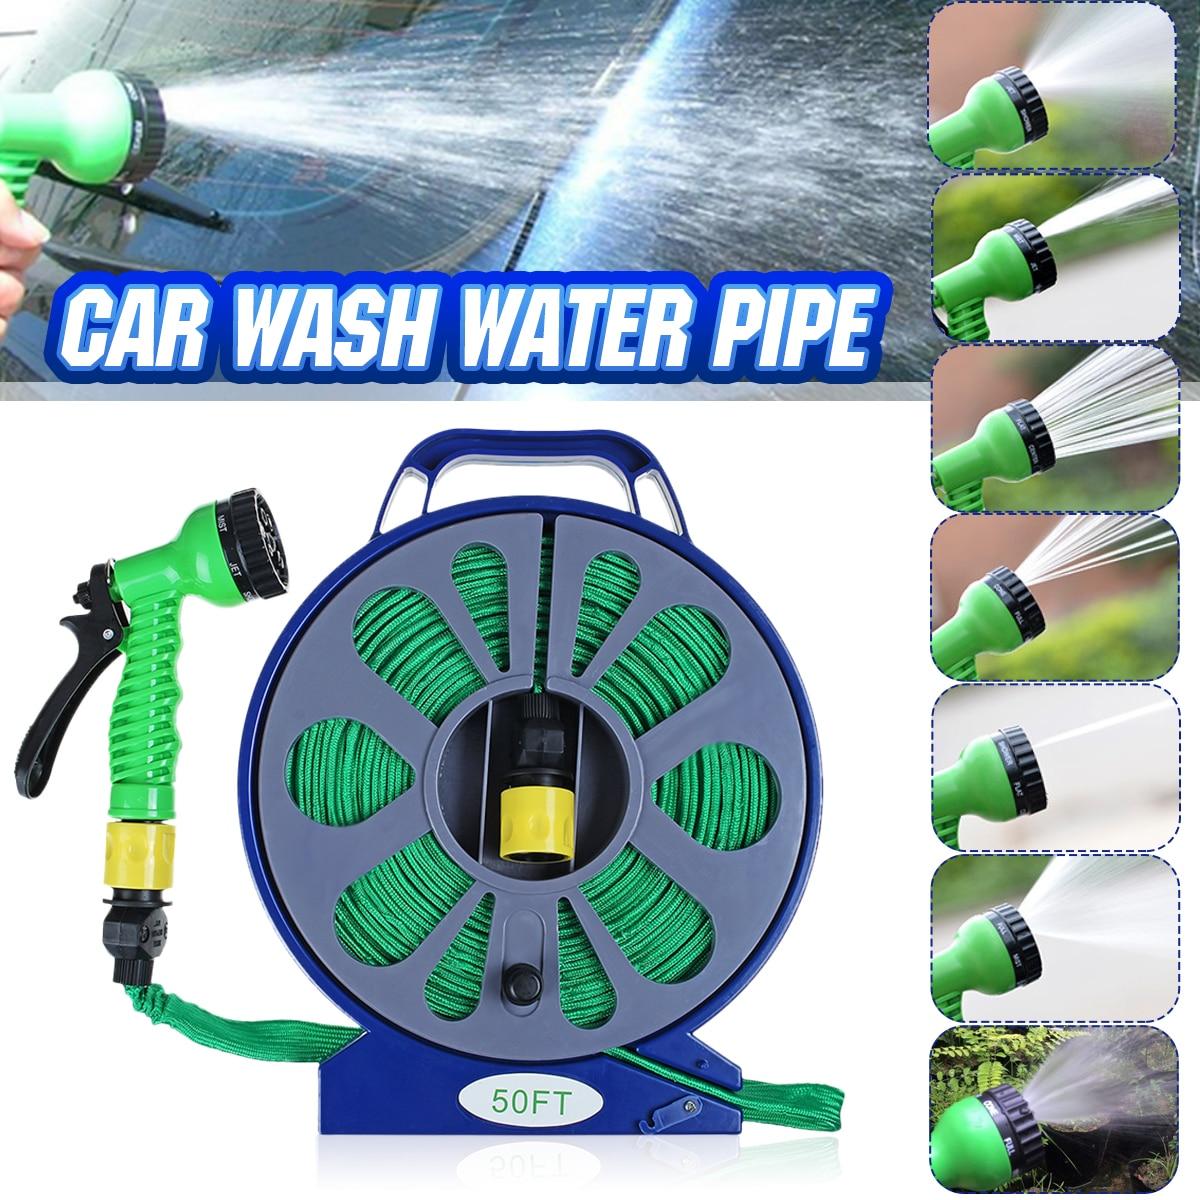 Tubo de lavado de agua de alta presión para coche de 15m, tubo de manguera giratoria, boquilla de tubo de pulverización, riego de jardín con soporte